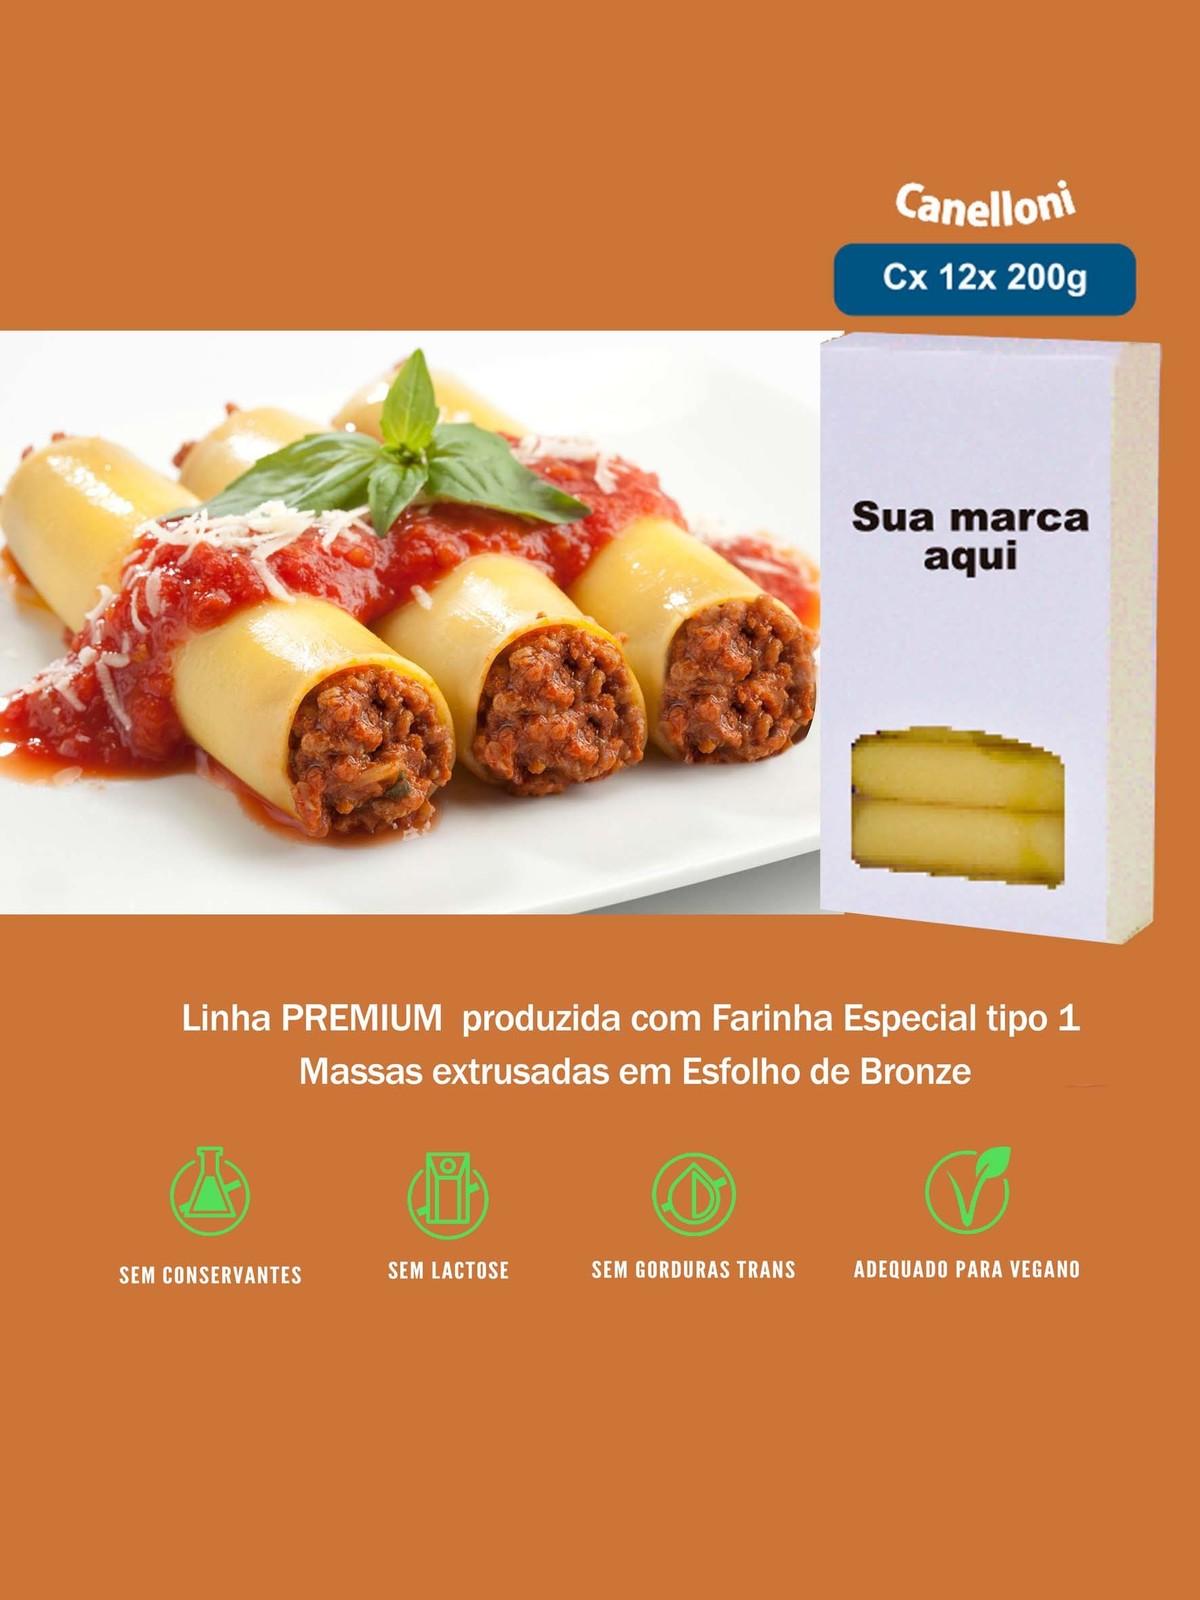 Imagem capa - Canelloni Linha Premium por pastificiofasson